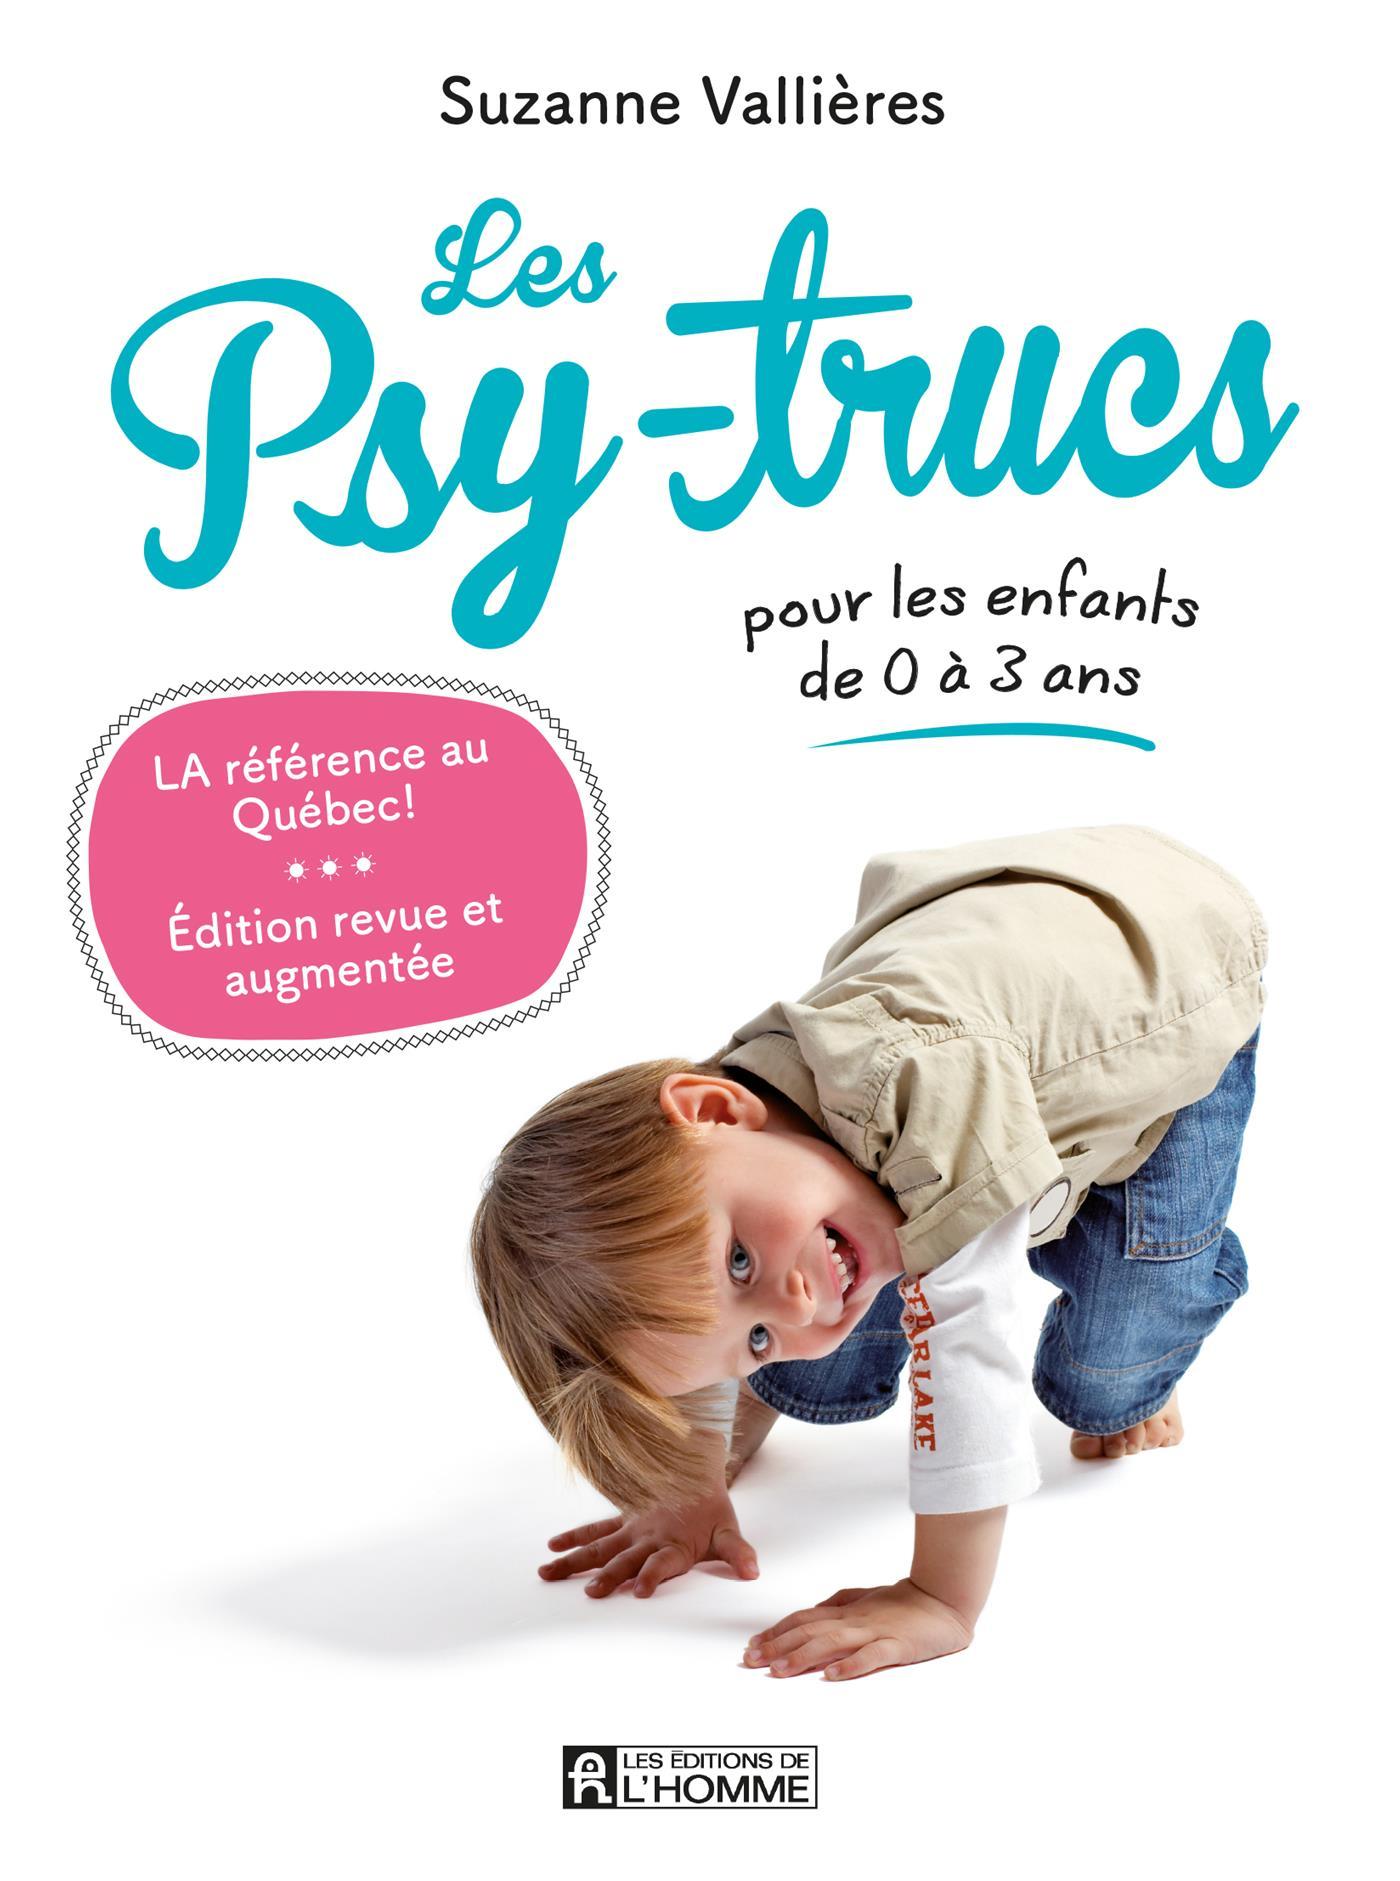 Les Psy-trucs pour les enfants de 0 à 3 ans - Nouvelle édition